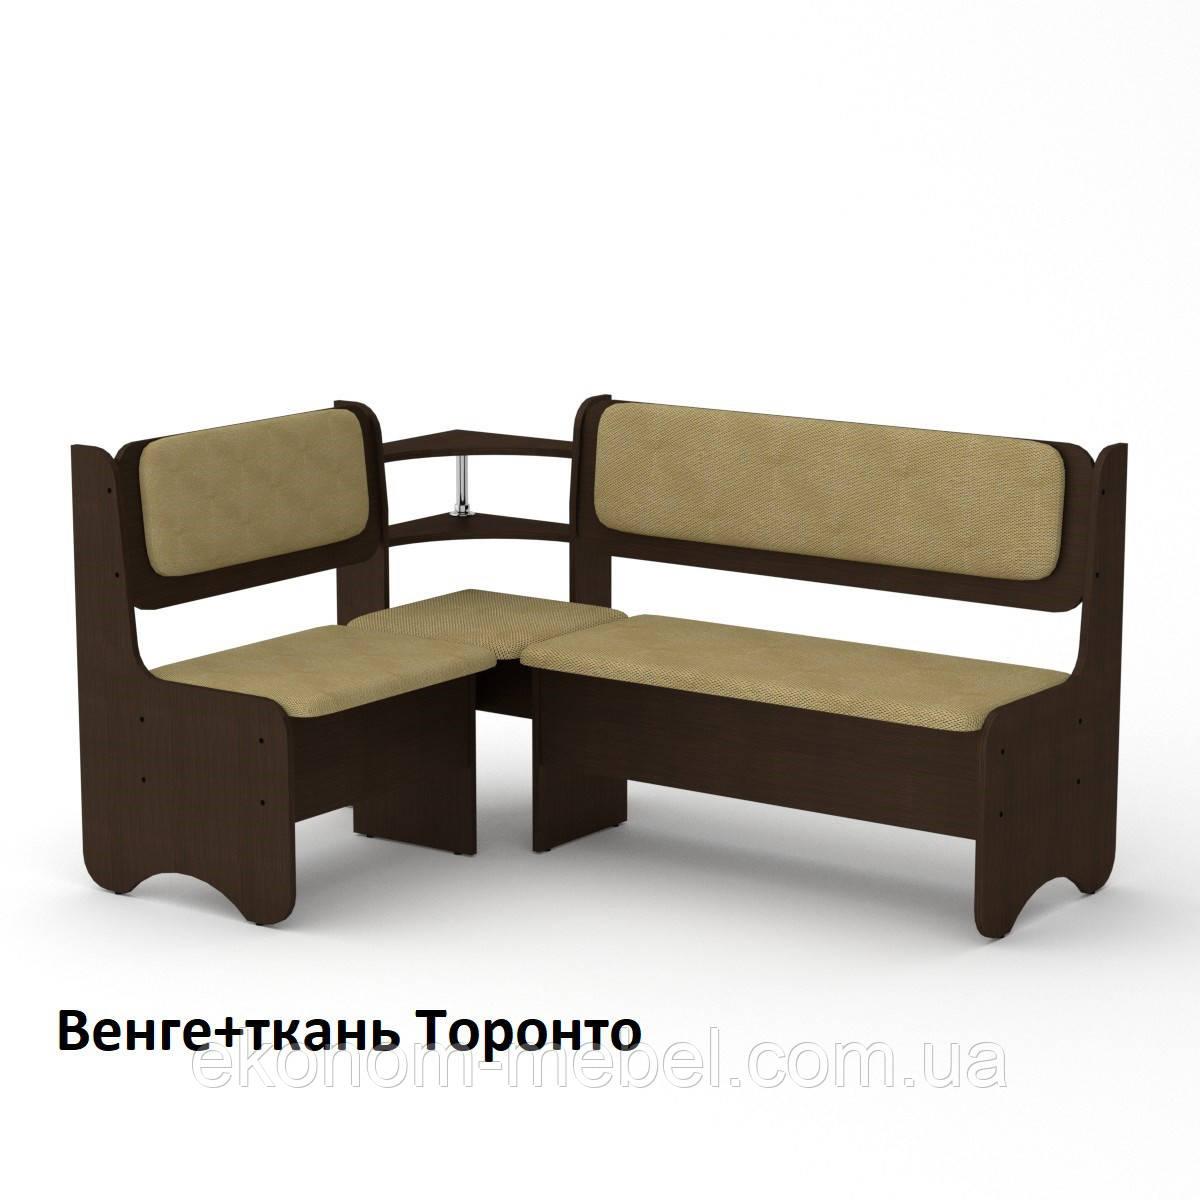 Кухонный диван София с полками и нишами для хранения, угловой